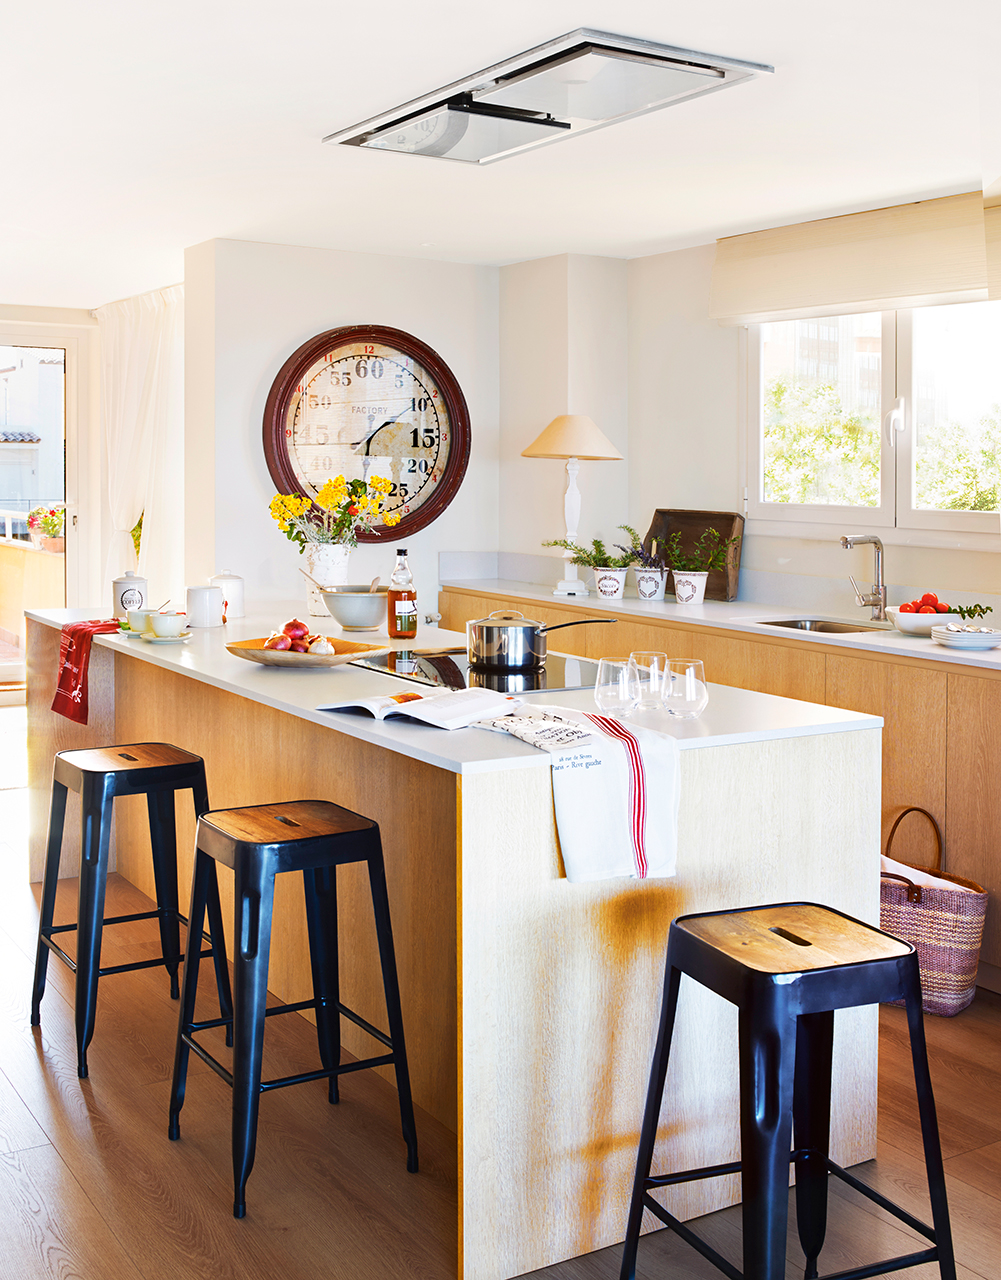 Ideas de decoraci n para cocinas peque as for Muebles de cocina hasta el techo